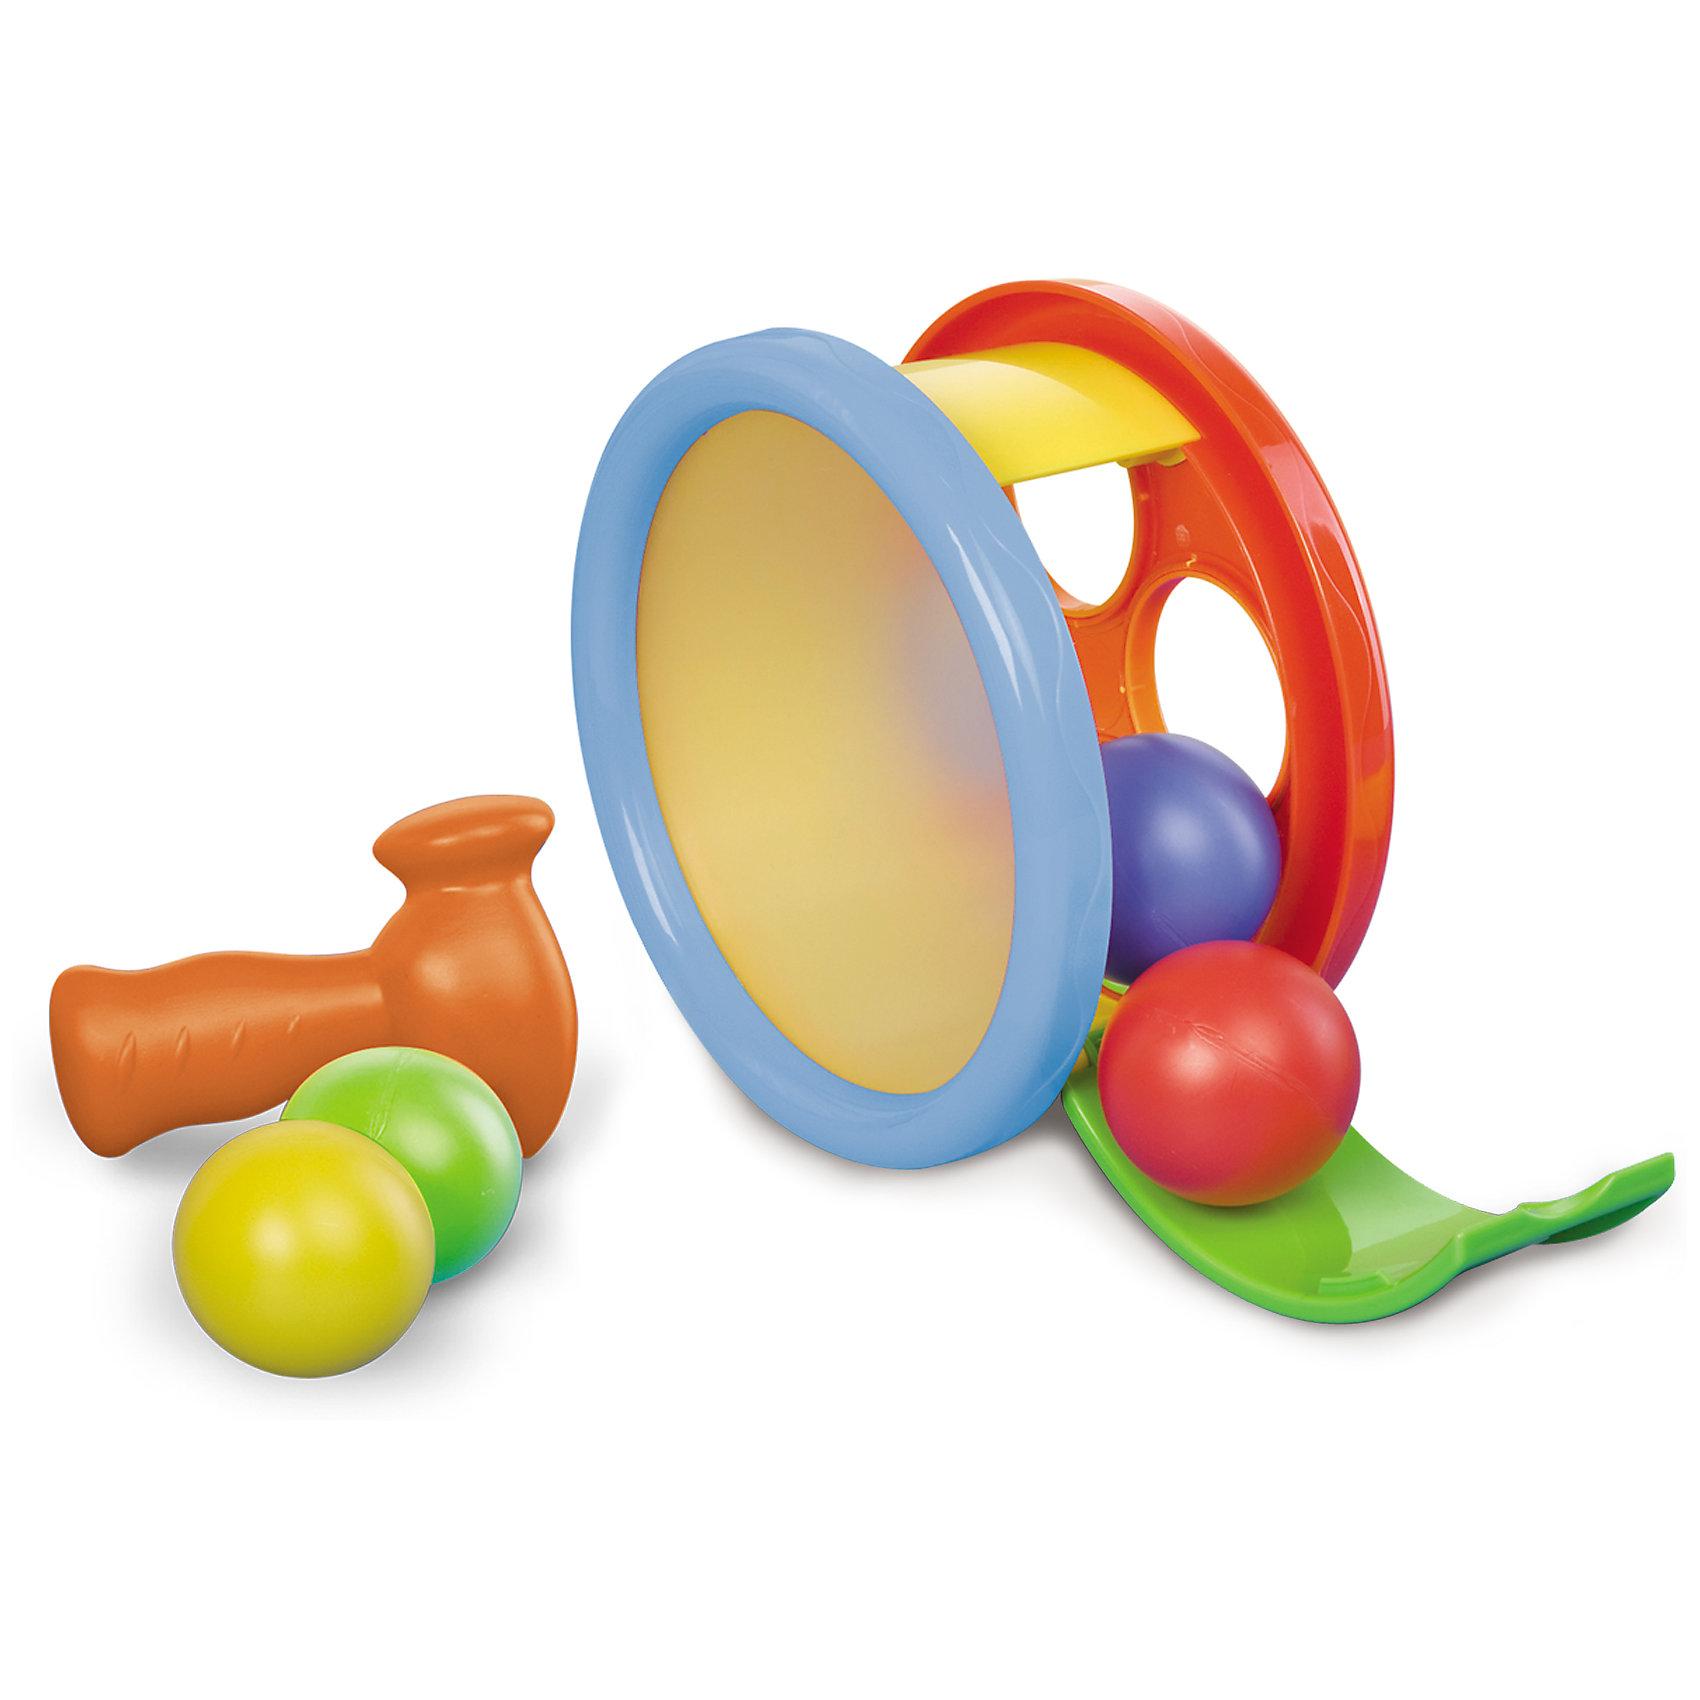 Игровой набор Арена с молоточком, BKidsРазвивать способности ребенка можно с самого раннего возраста. Делая это в игре, малыш всесторонне изучает мир и осваивает новые навыки. Эта игрушка одновременно и сортер с забивалкой, и барабан, и каталка. <br>Такие игрушки способствуют развитию мелкой моторики, воображения, цвето- и звуковосприятия, тактильных ощущений и обучению. Изделие разработано специально для самых маленьких. Сделано из материалов, безопасных для детей.<br><br>Дополнительная информация:<br><br>цвет: разноцветный;<br>комплектация: сортер-барабан, 4 шарика, молоточек;<br>размер упаковки: 20 х 9 х18 см;<br>возраст: от года.<br><br>Игровой набор Арена с молоточком от бренда BKids можно купить в нашем интернет-магазине.<br><br>Ширина мм: 95<br>Глубина мм: 95<br>Высота мм: 177<br>Вес г: 397<br>Возраст от месяцев: 12<br>Возраст до месяцев: 36<br>Пол: Унисекс<br>Возраст: Детский<br>SKU: 5055365